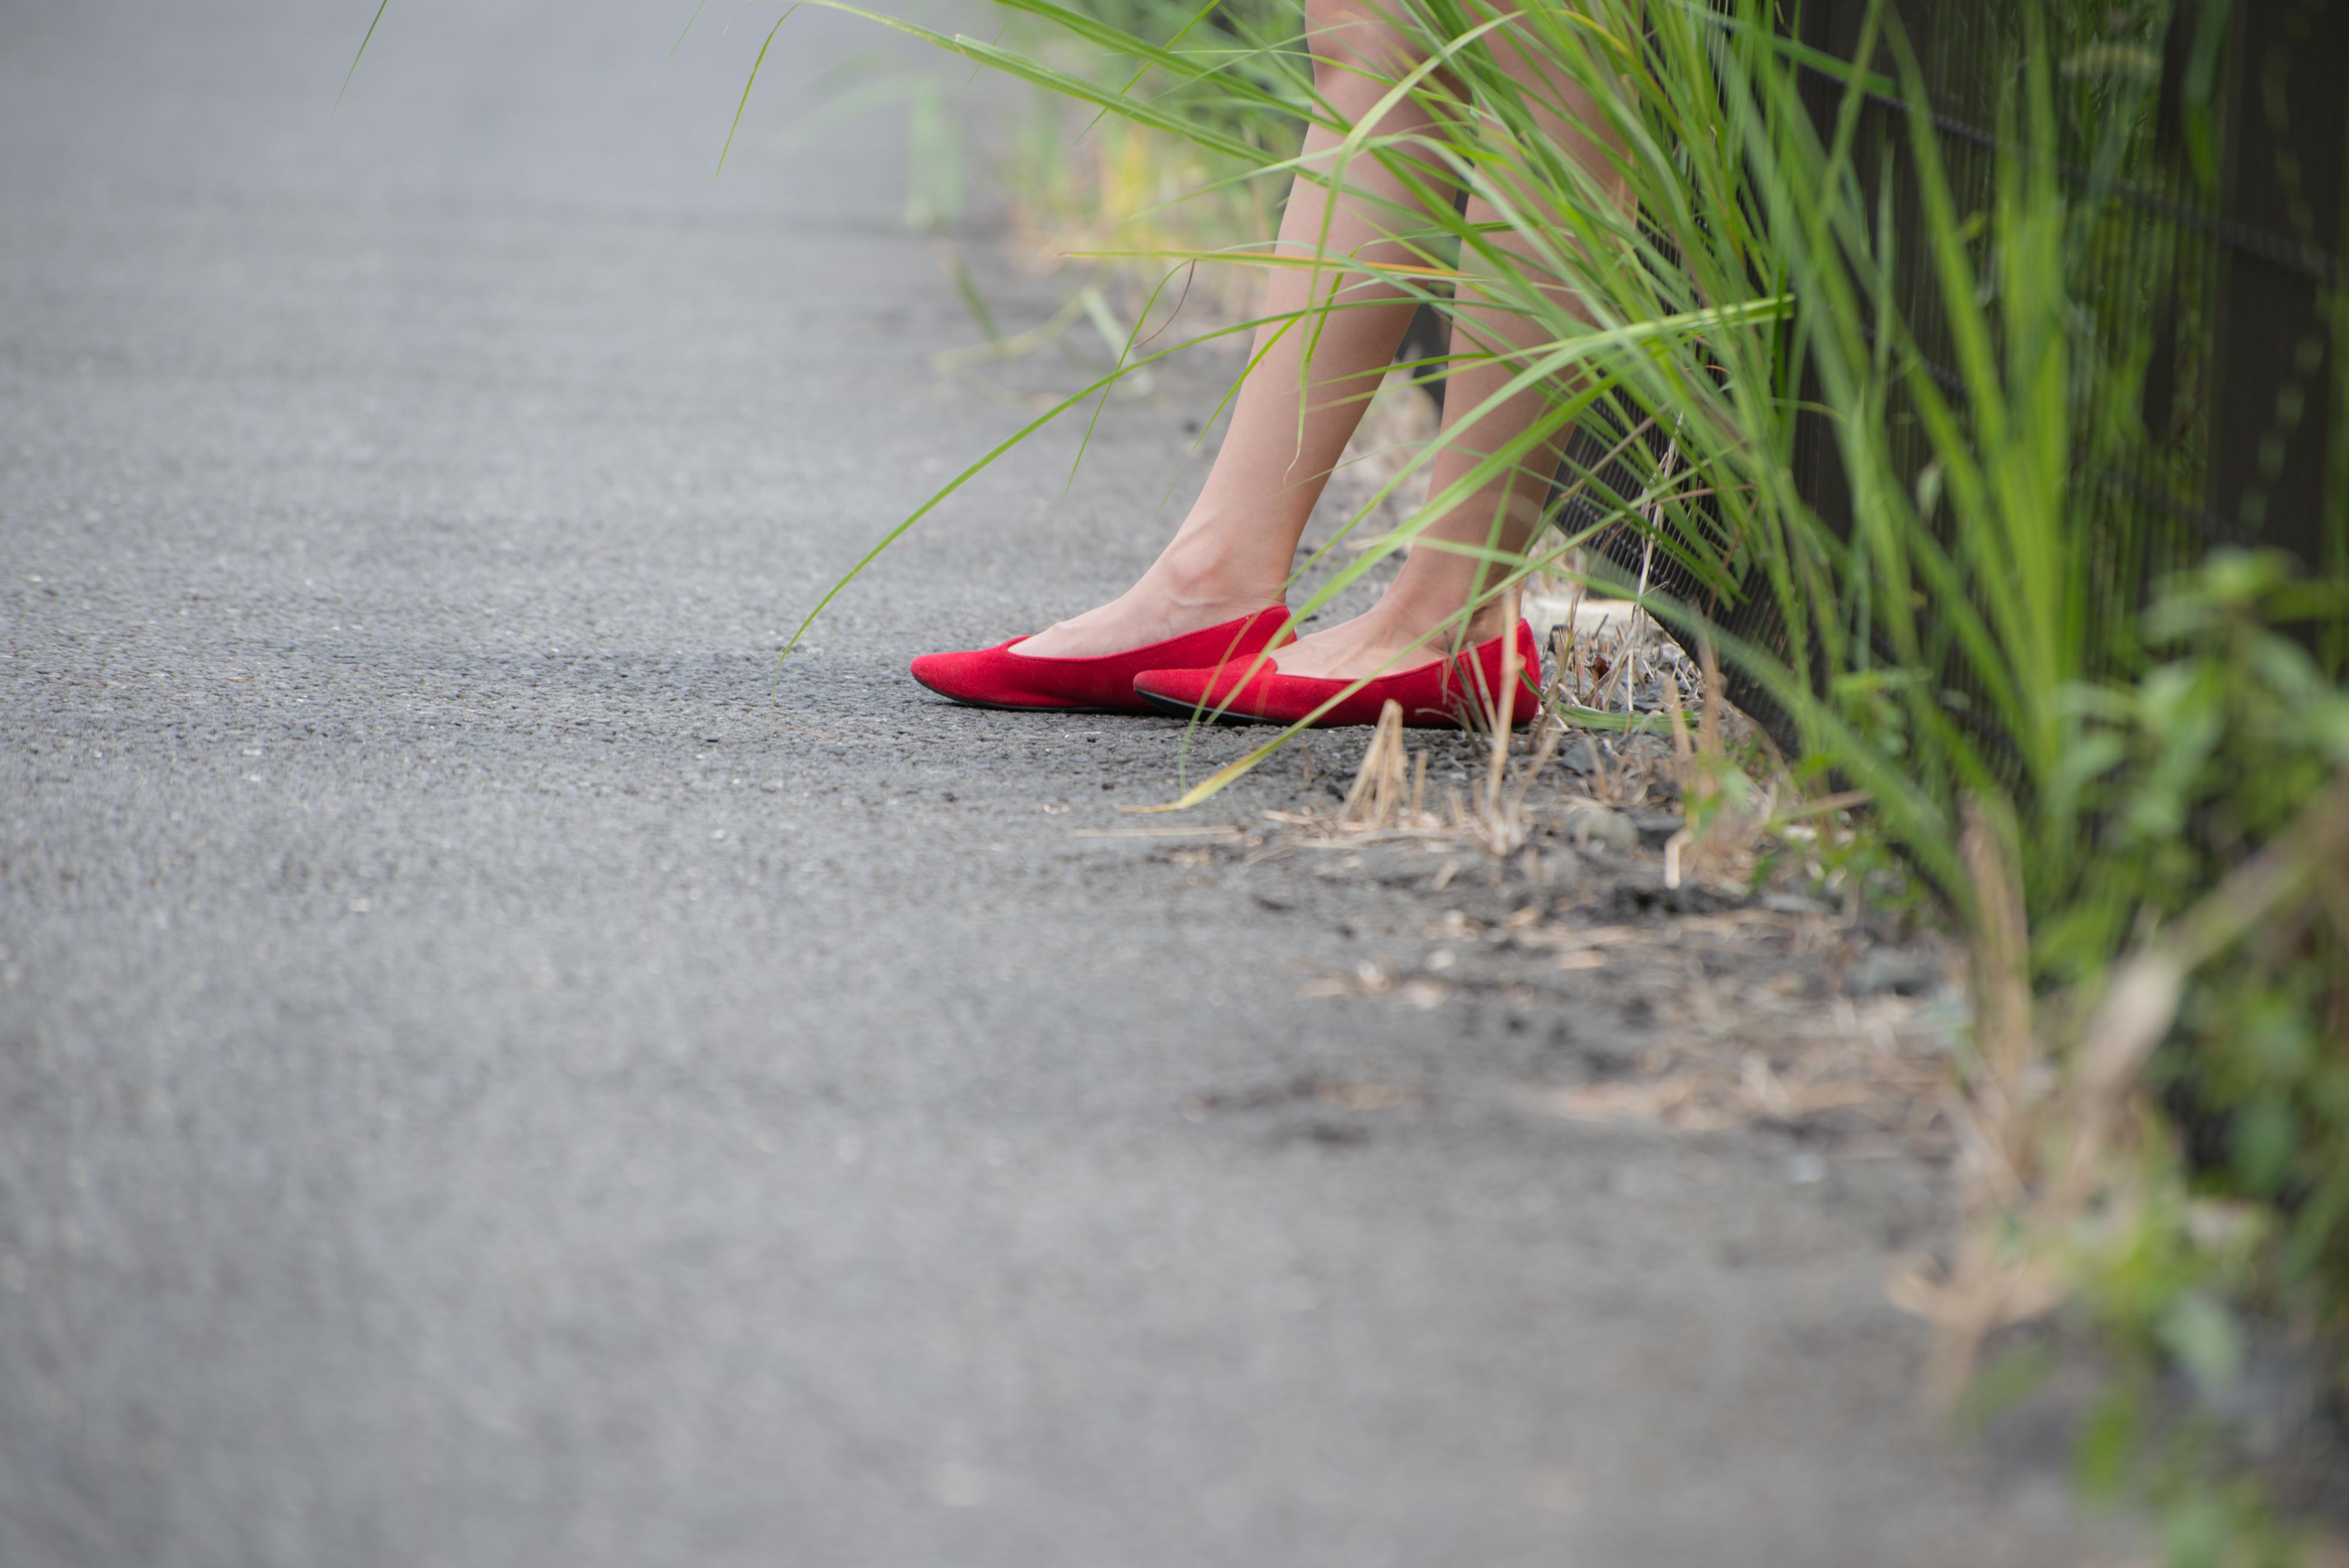 あわゆいかなこ、赤い靴